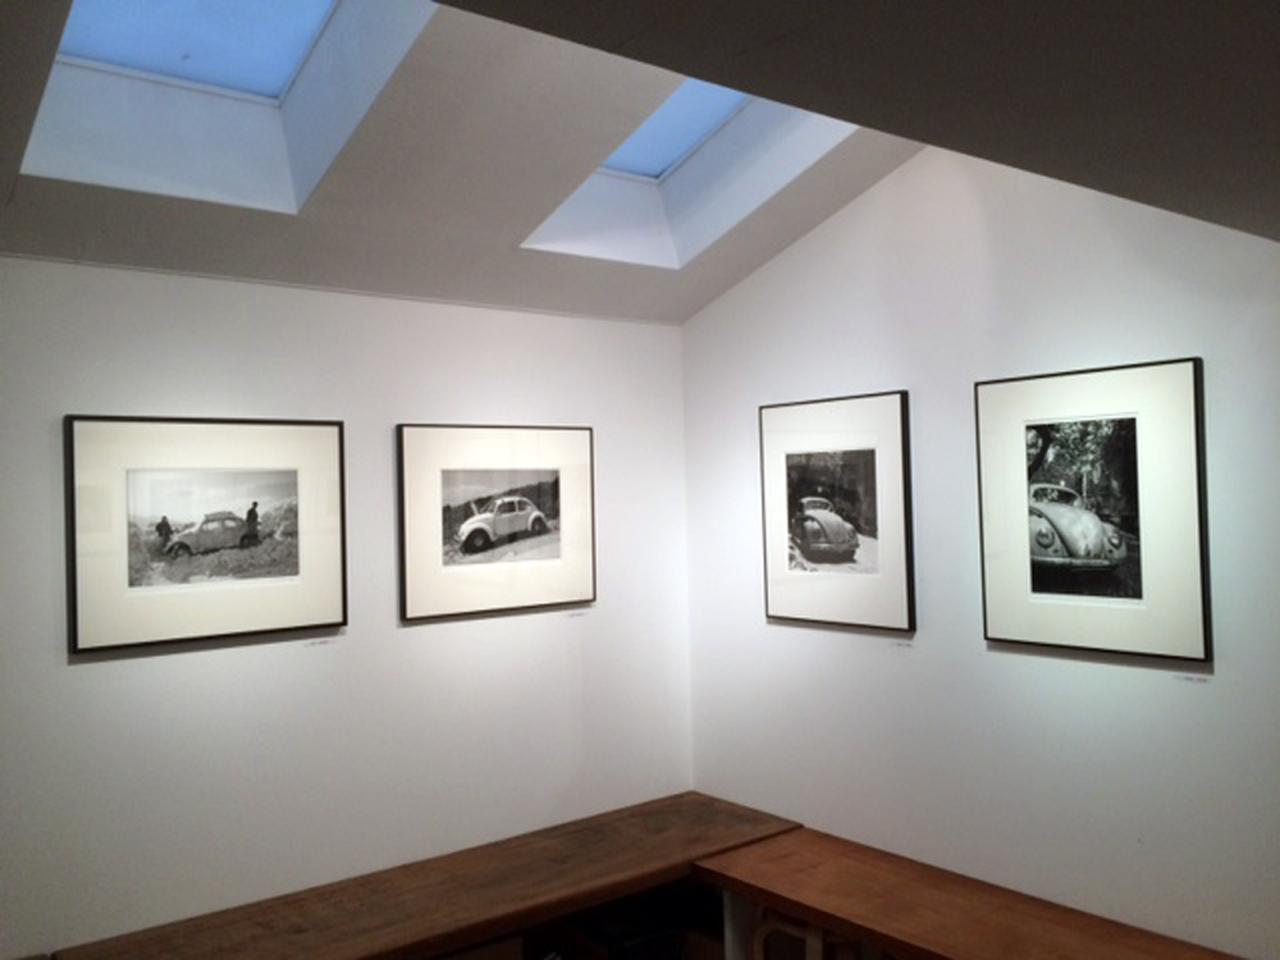 画像2: 松田敏美写真展『Time goes by』。港区西麻布の閑静な住宅街の中にあるギャラリーで開催中です。